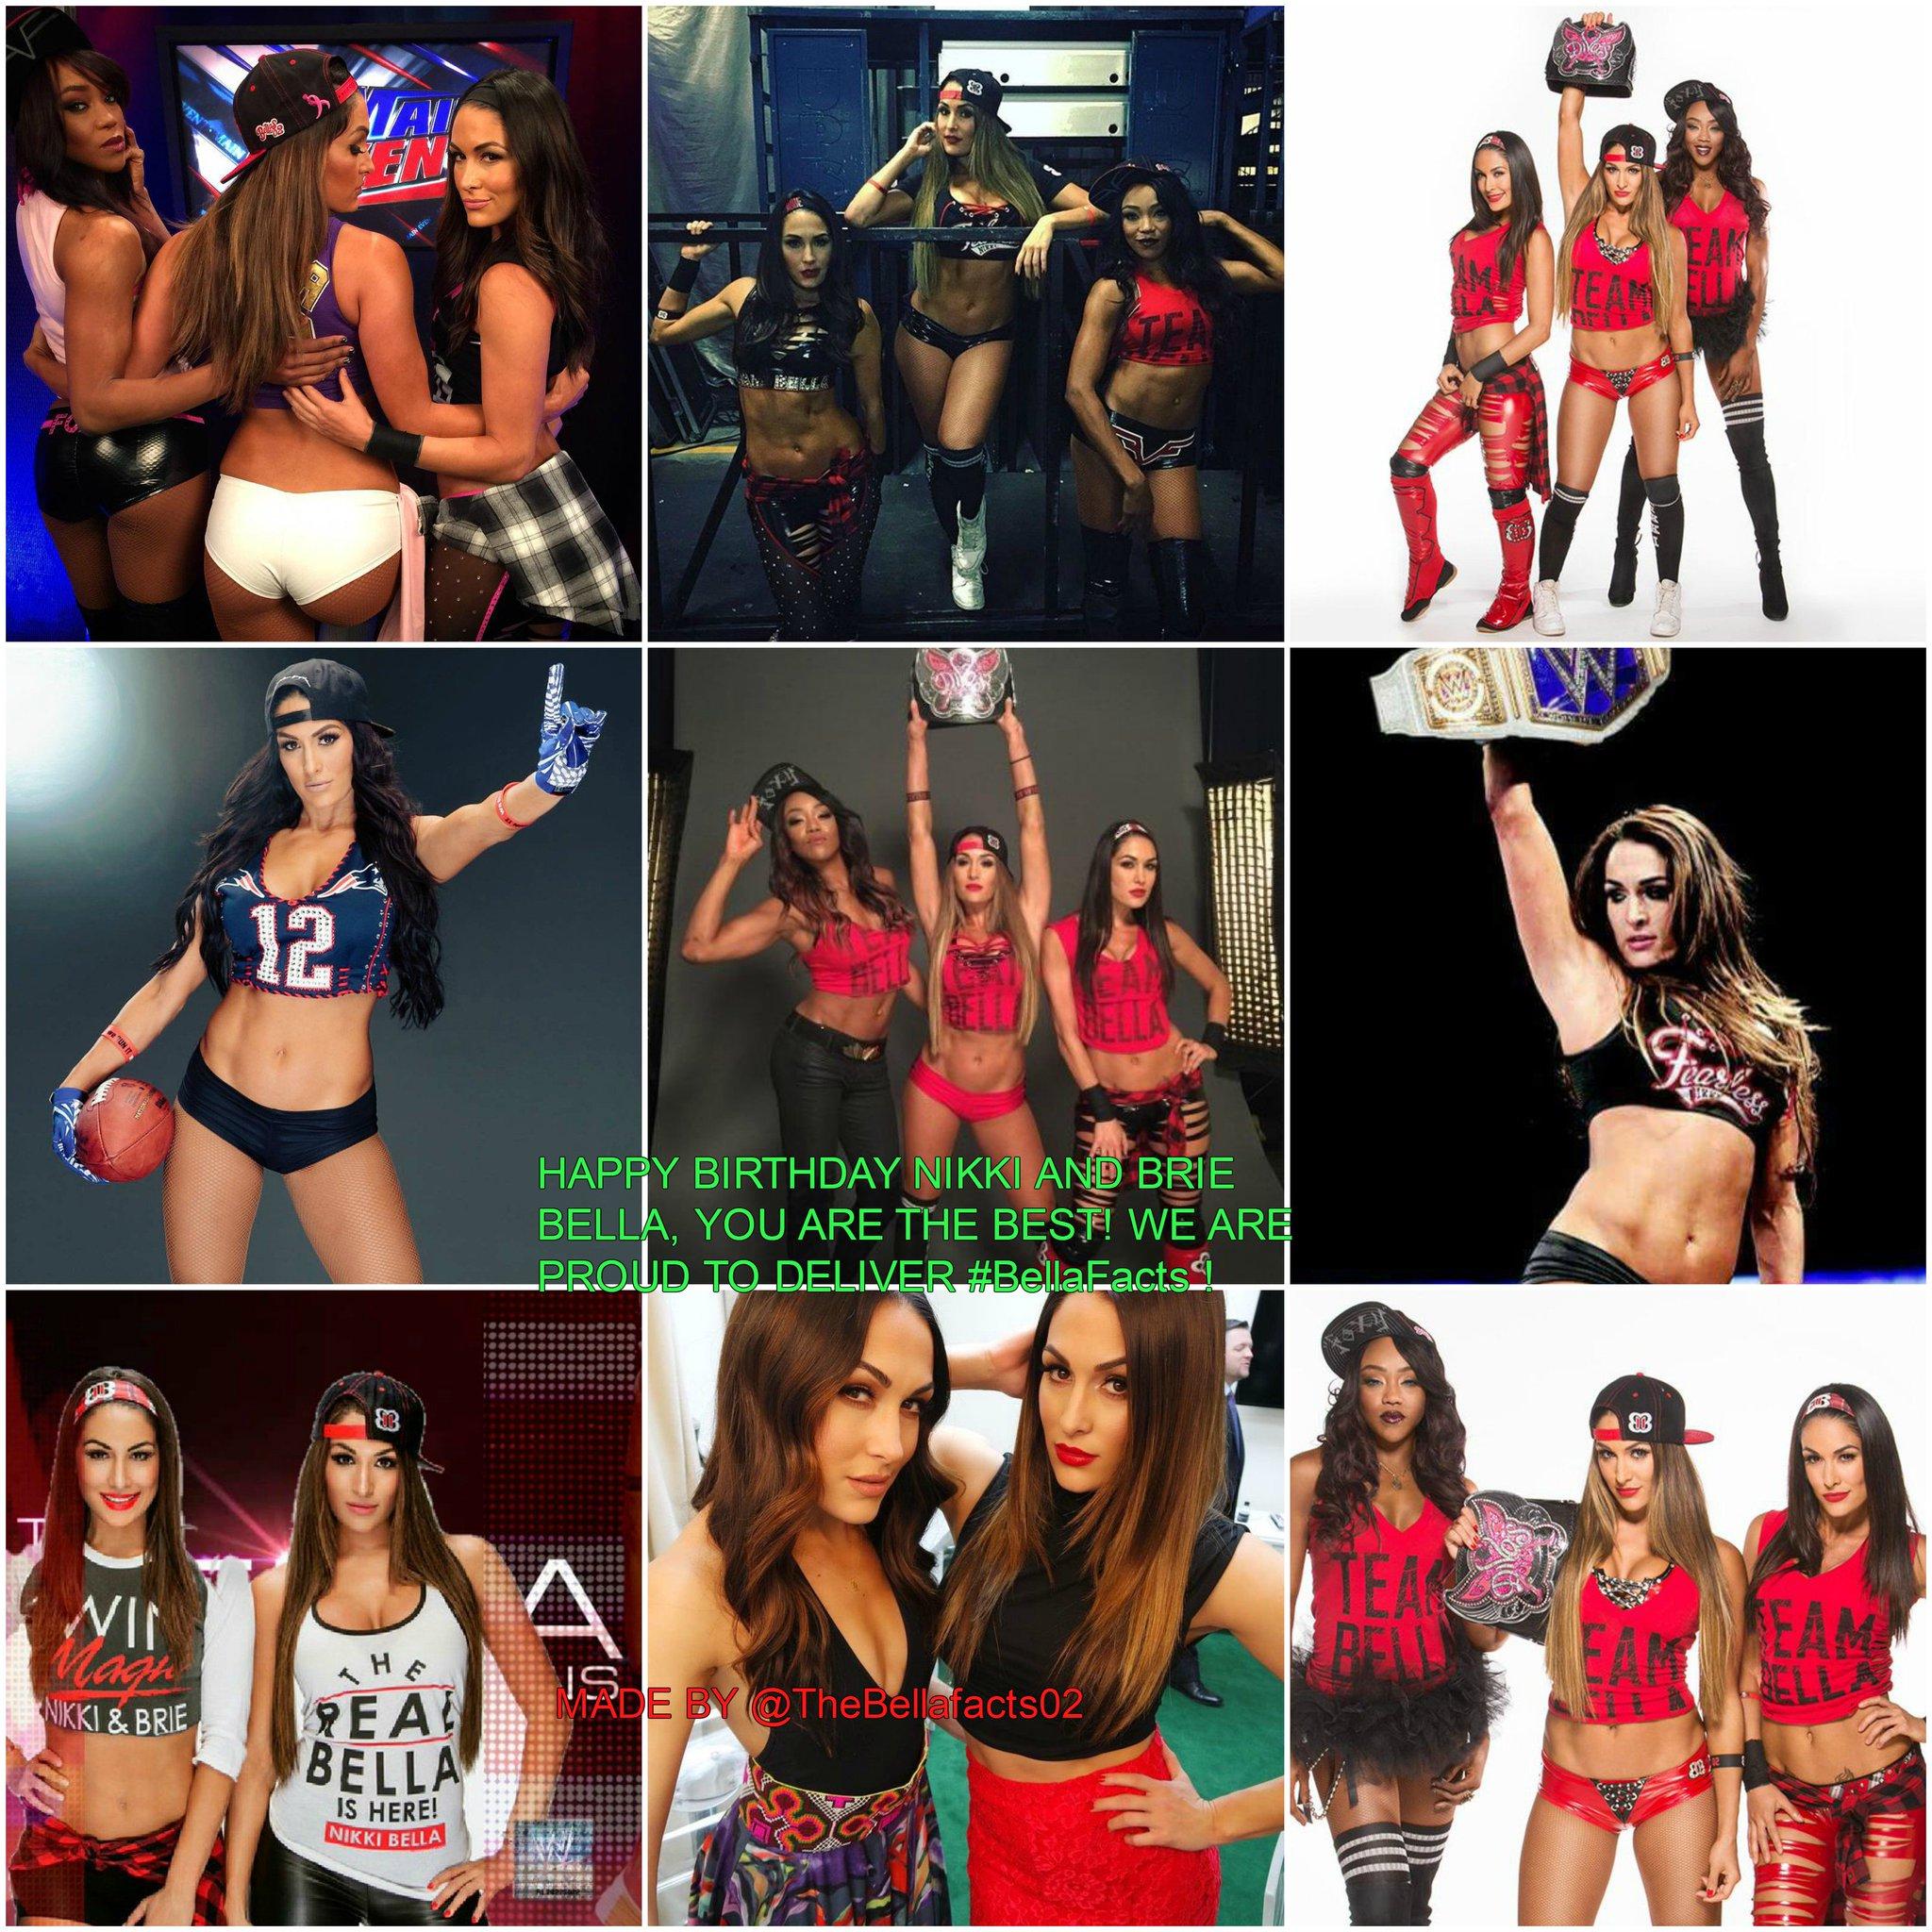 HAPPY BIRTHDAY Nikki and Brie Bella, THE WORLDS BEST TWINS!